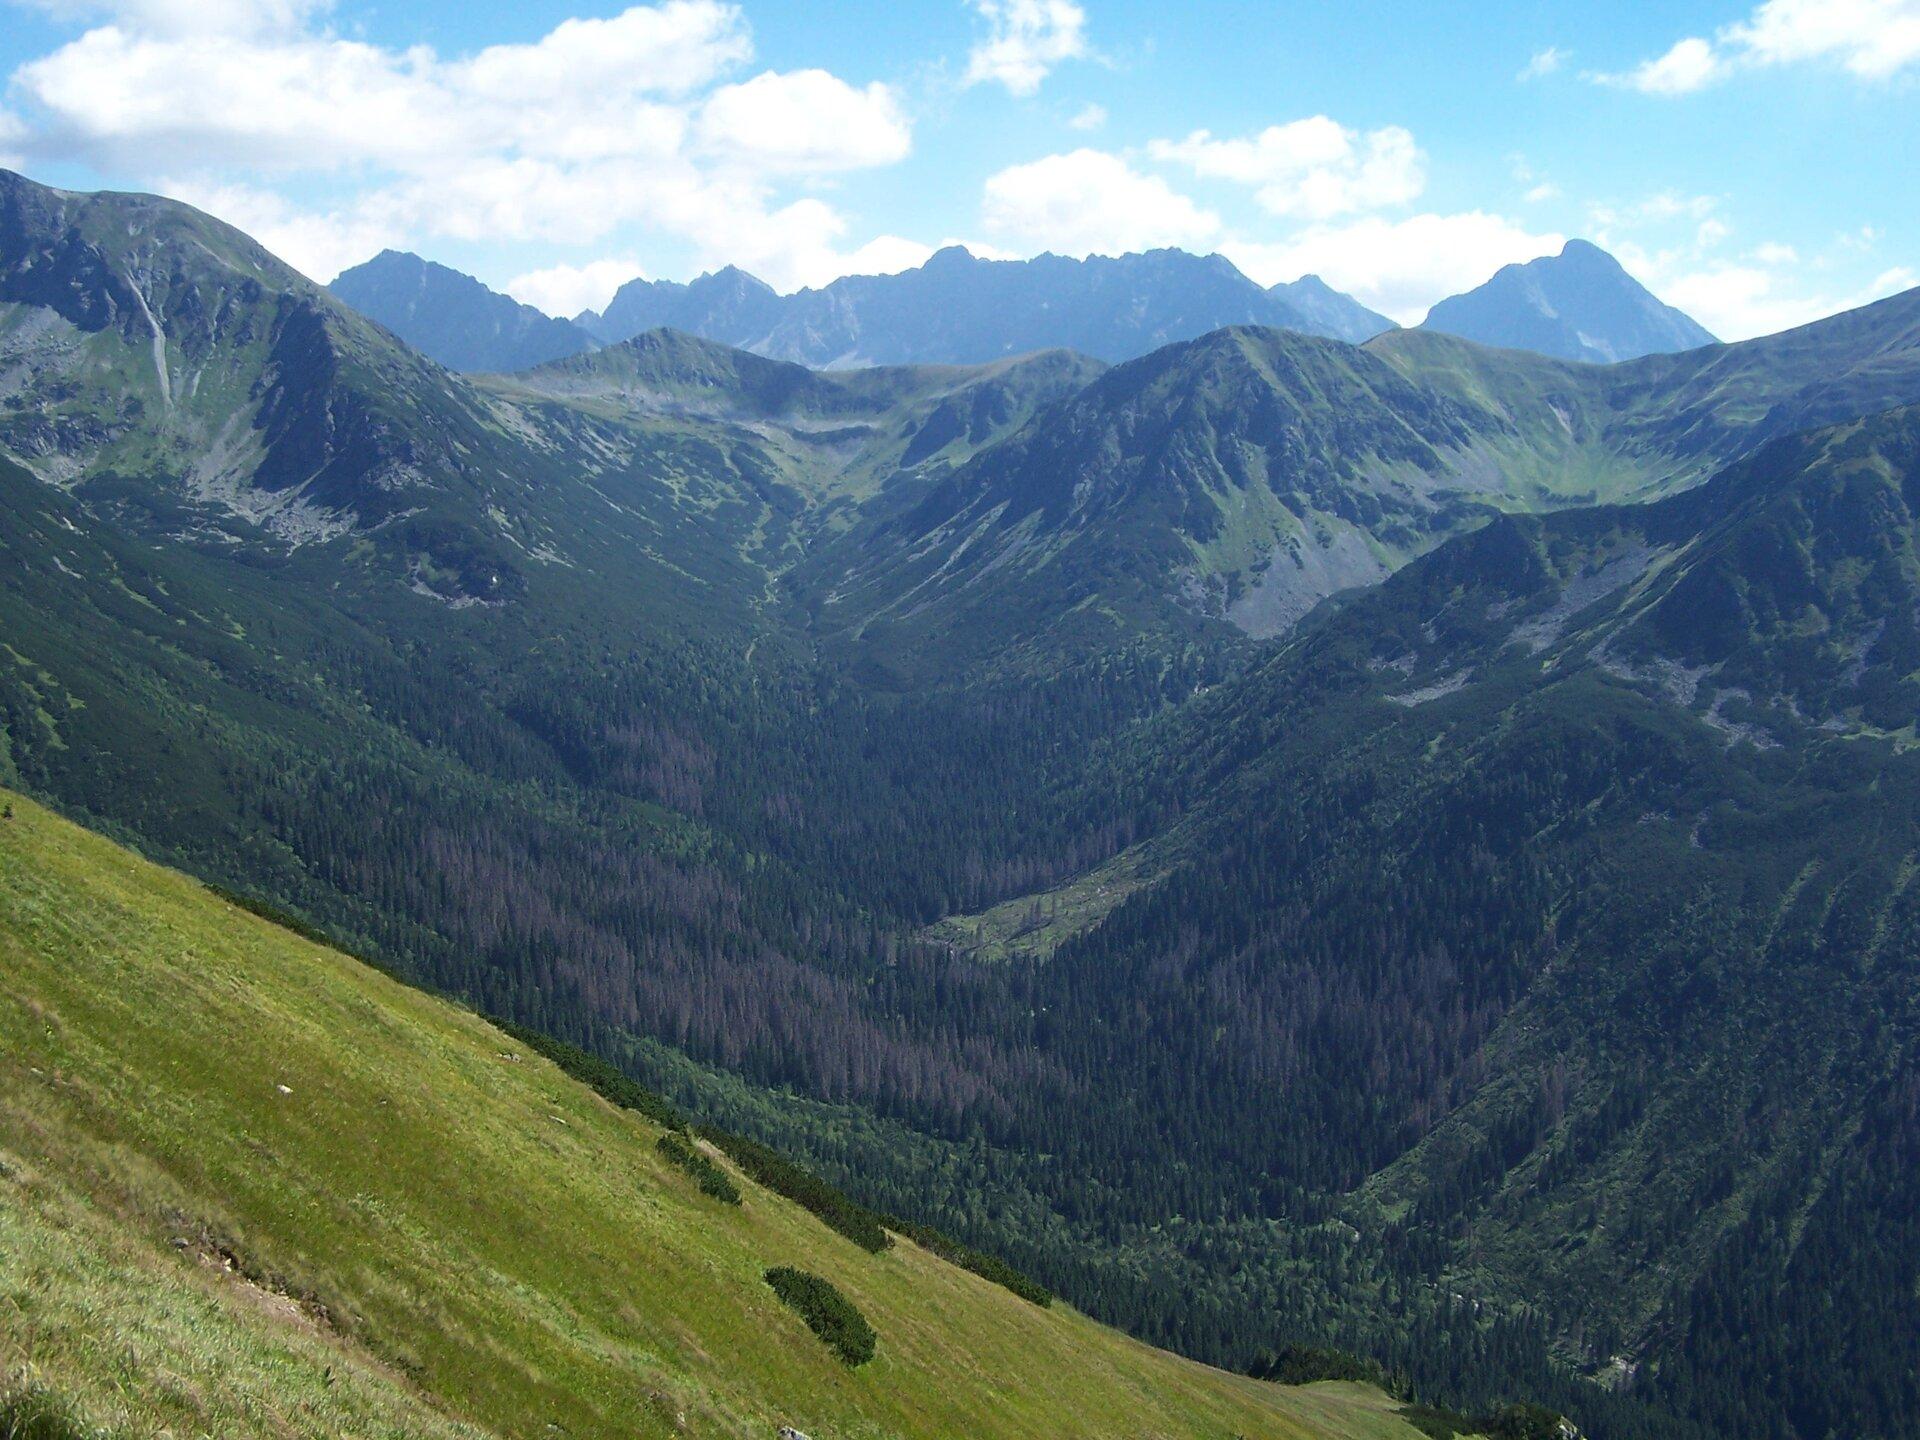 Dolina Wierchcicha Źródło: Jerzy Opioła, Dolina Wierchcicha, licencja: CC BY-SA 4.0.